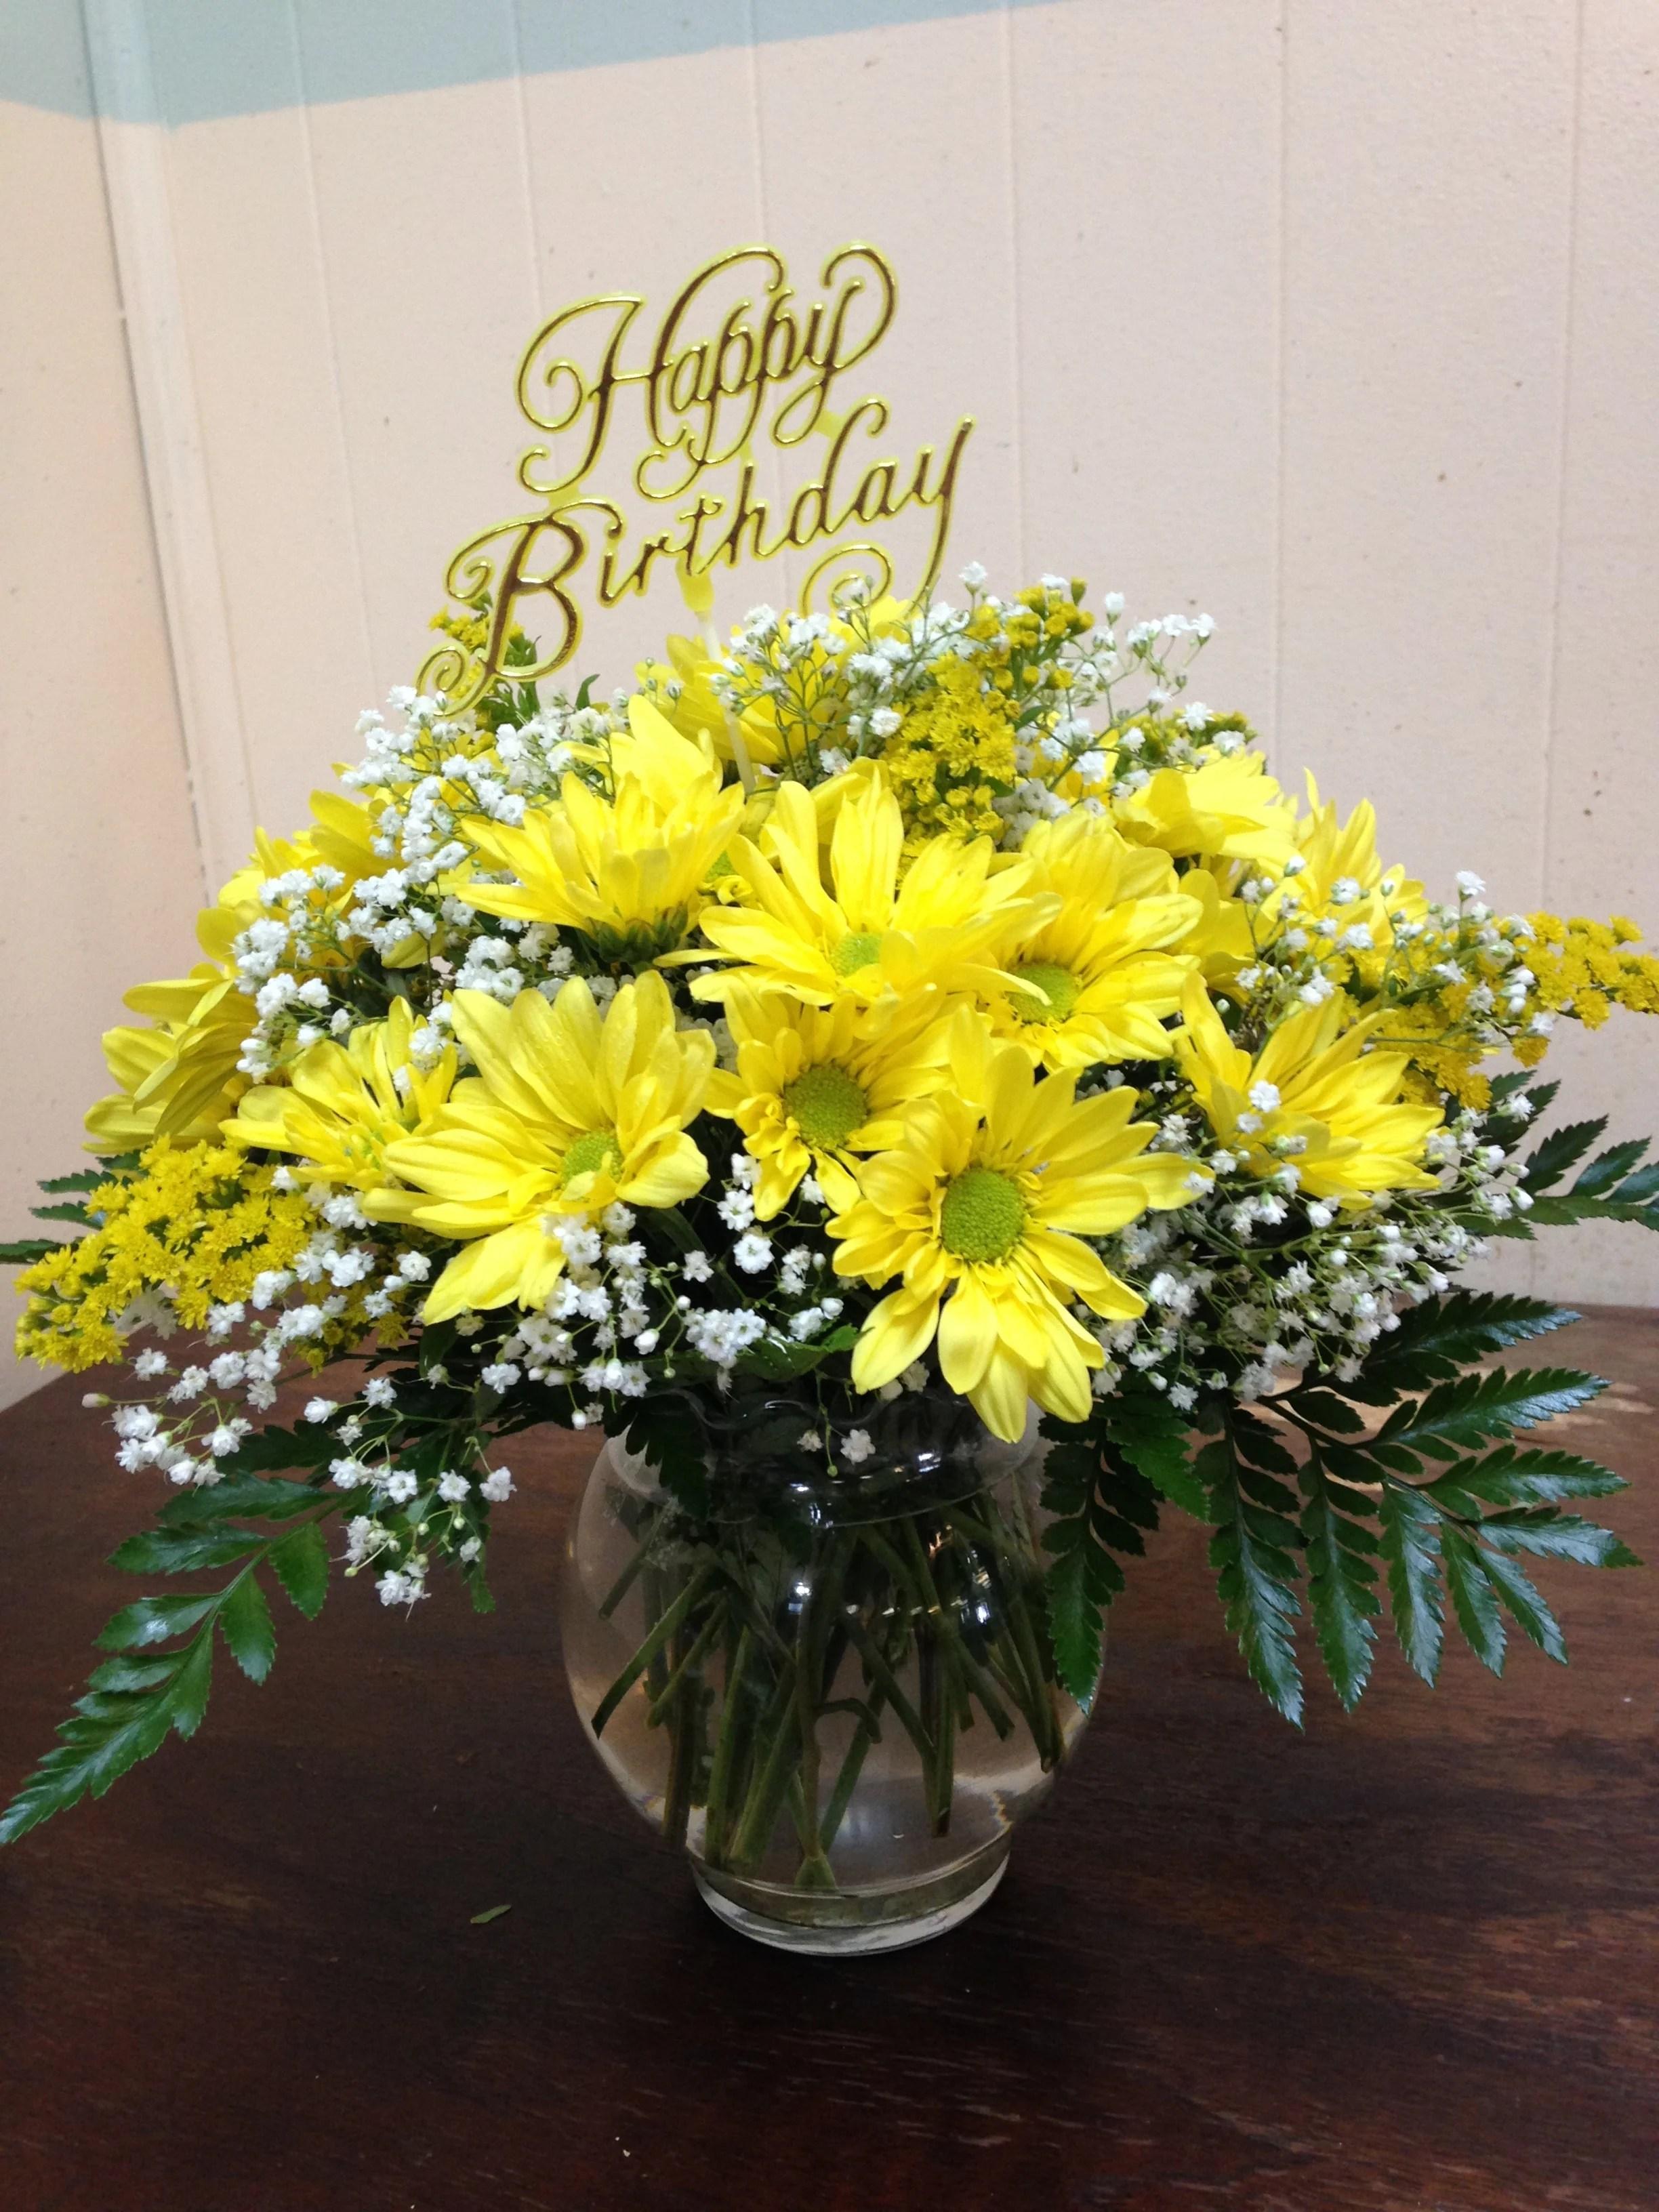 happy happy birthday in